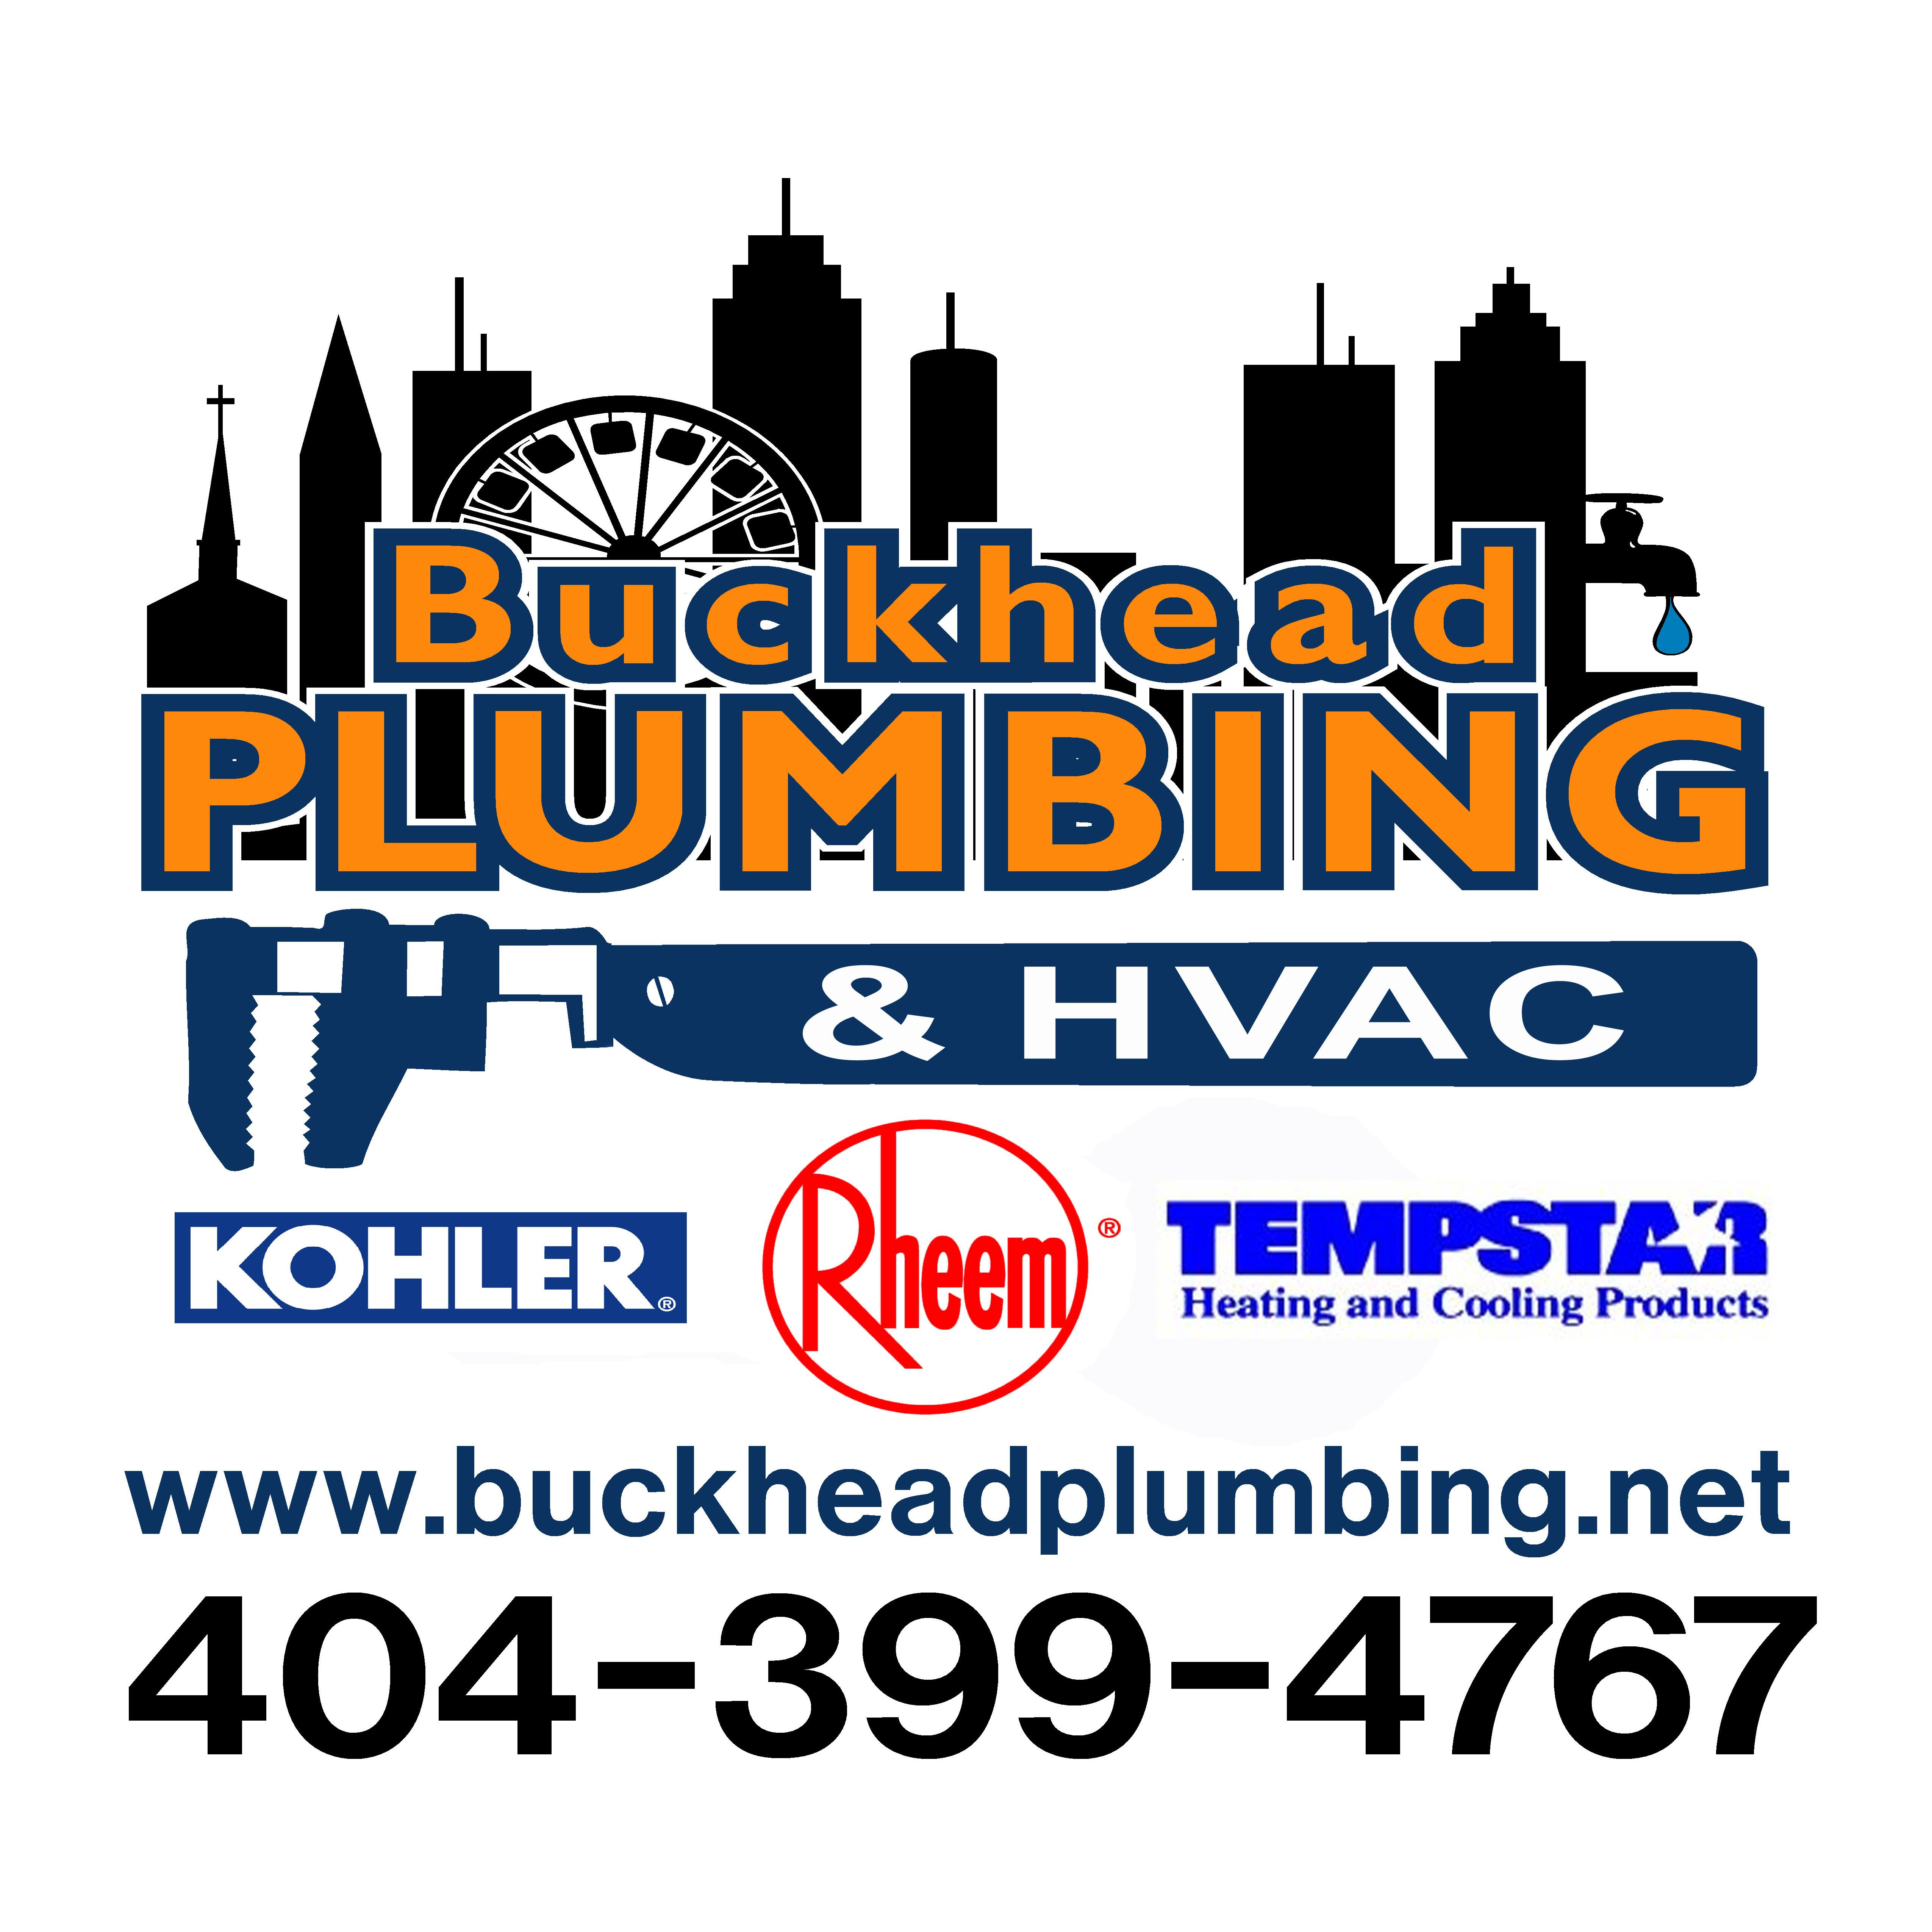 Buckhead Plumbing & HVAC